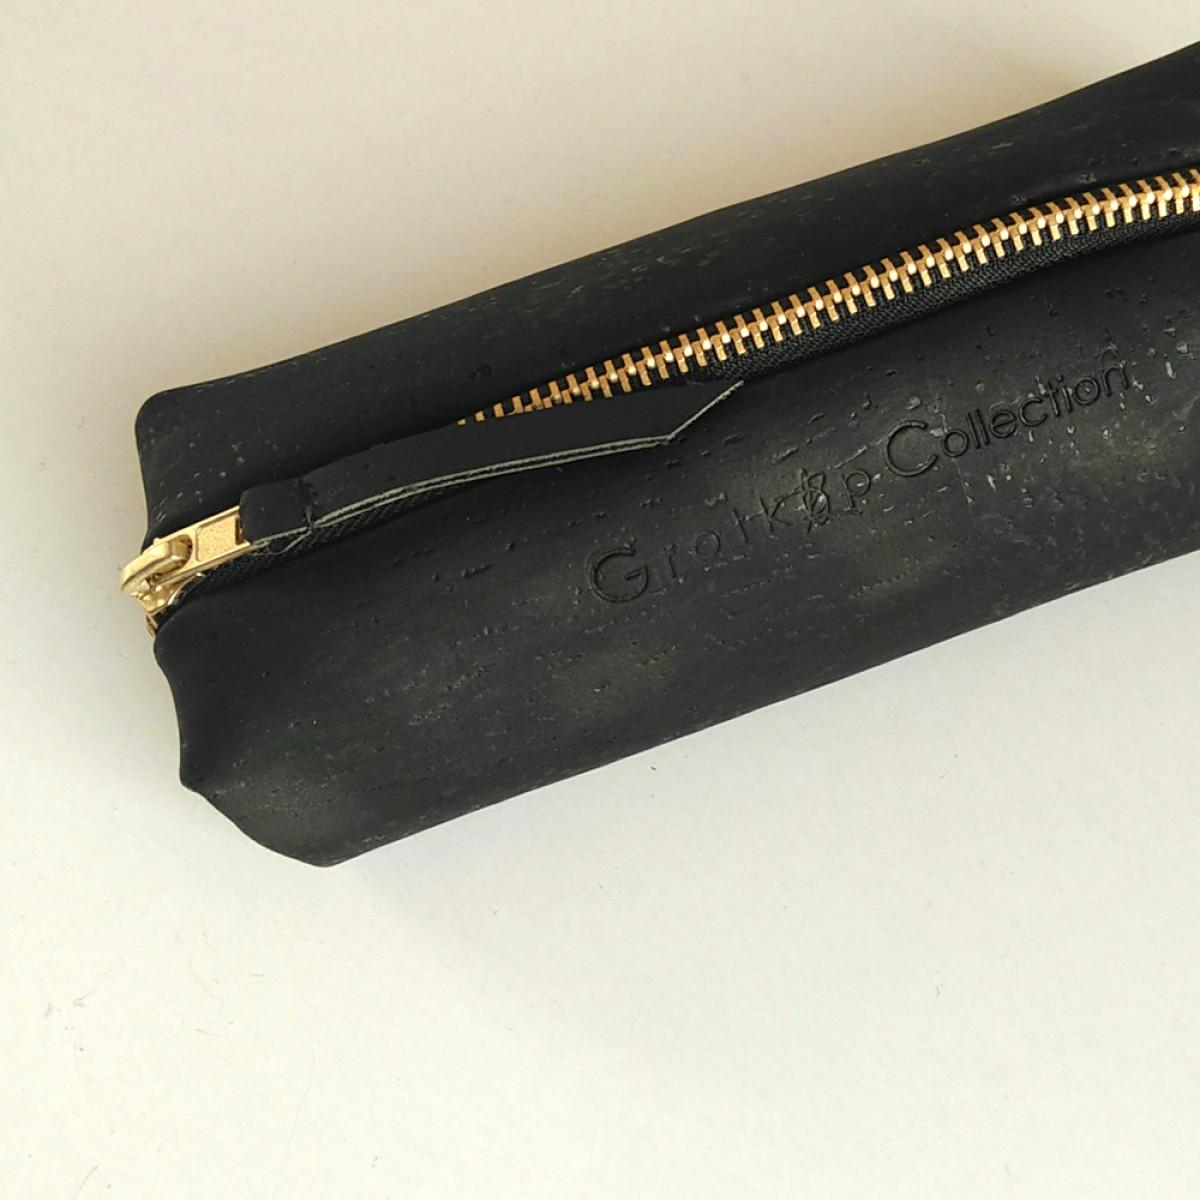 Grotkop Collection Kosmetiktasche AIR black kork